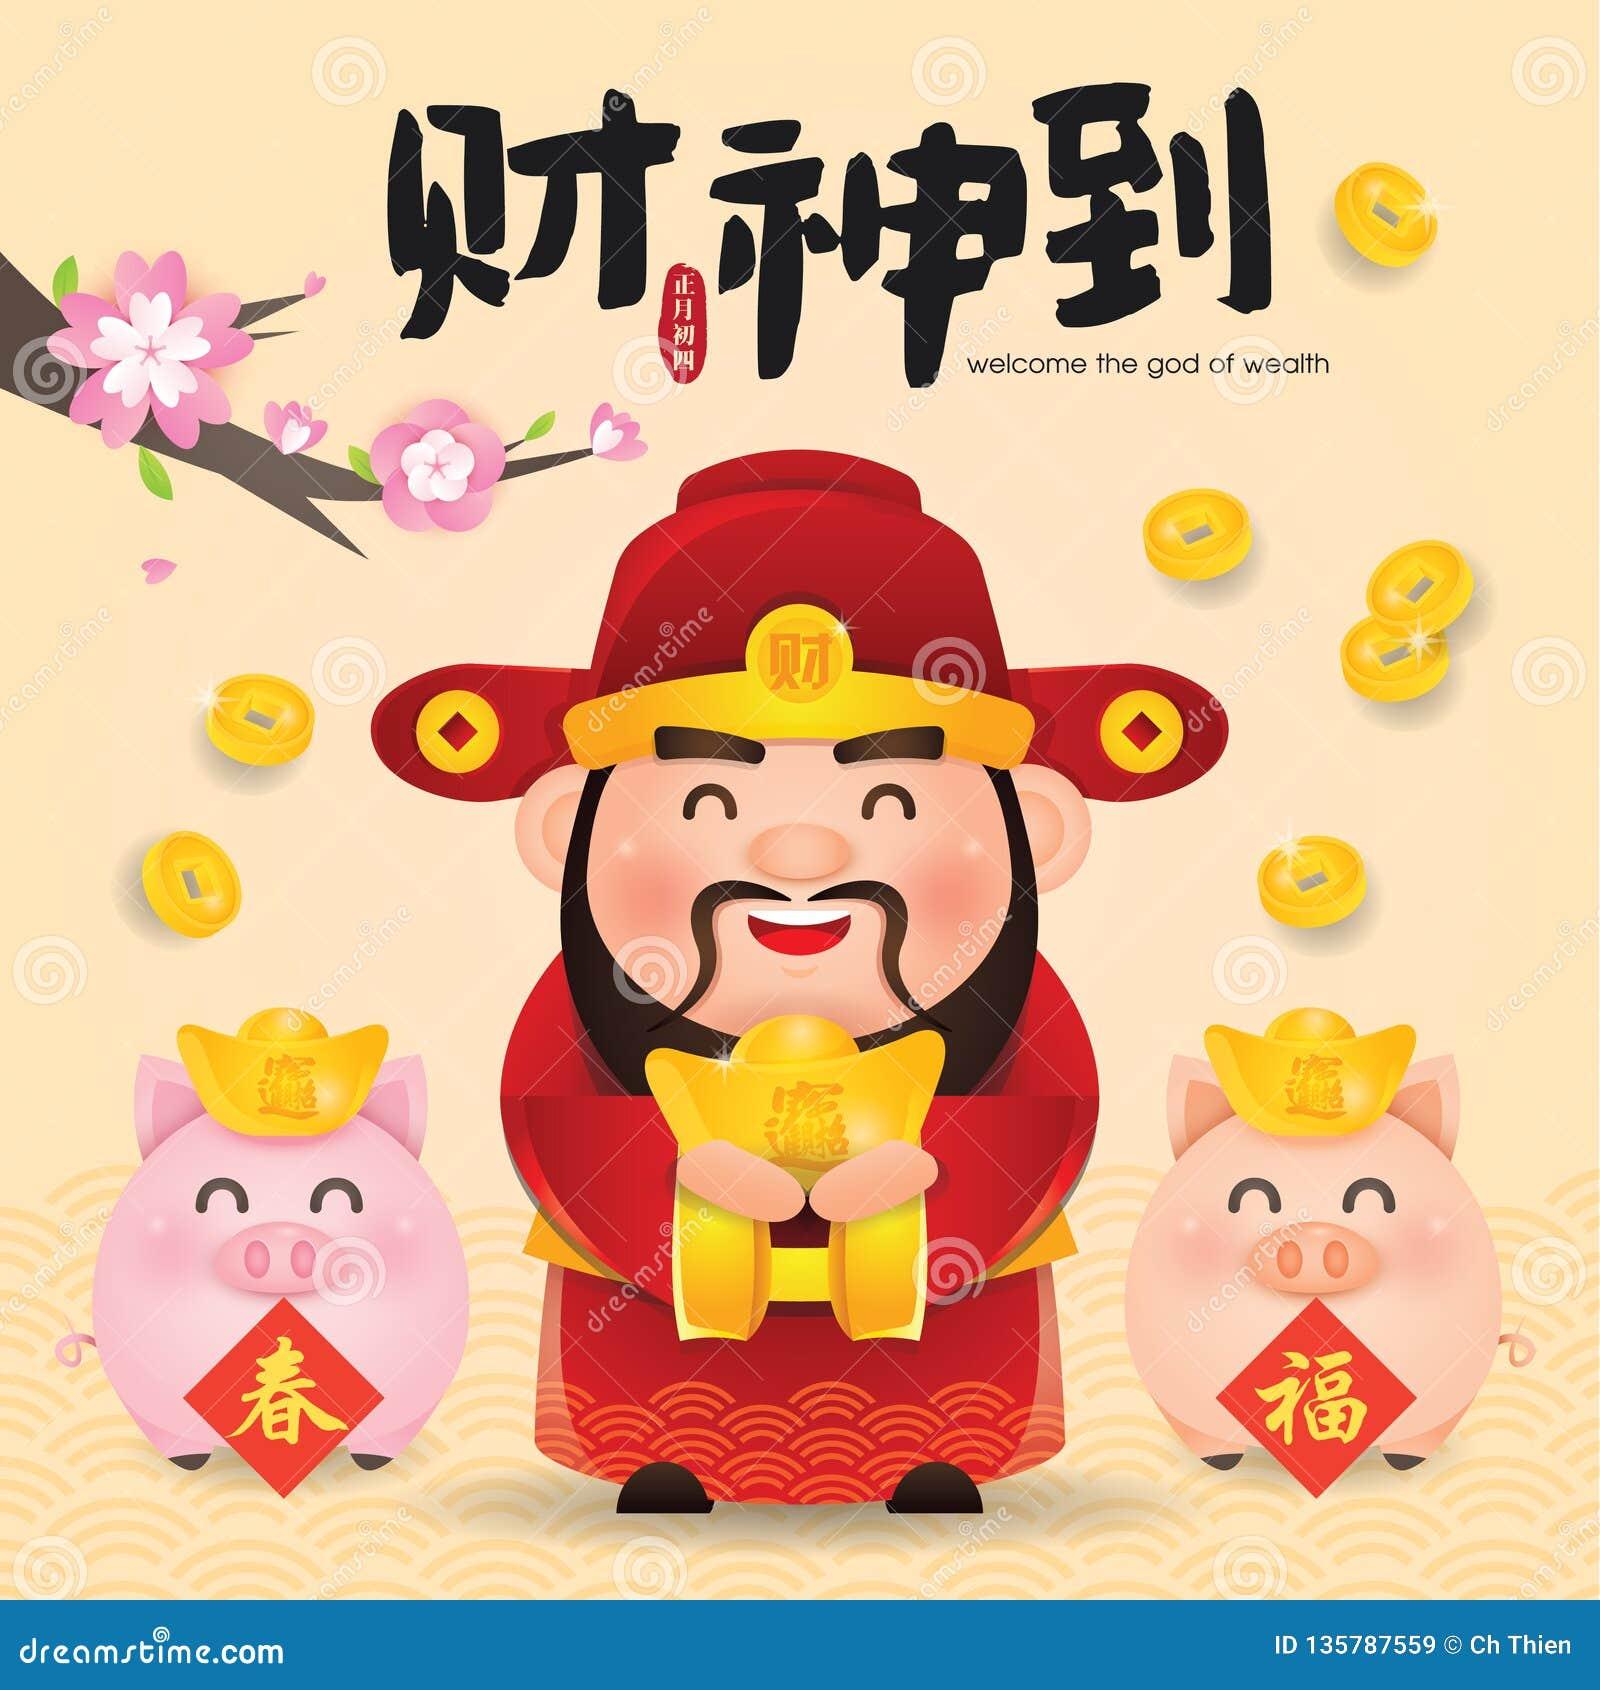 Illustrazione cinese di vettore del nuovo anno con il cinese Dio di ricchezza Traduzione: Accolga favorevolmente Dio di ricchezza